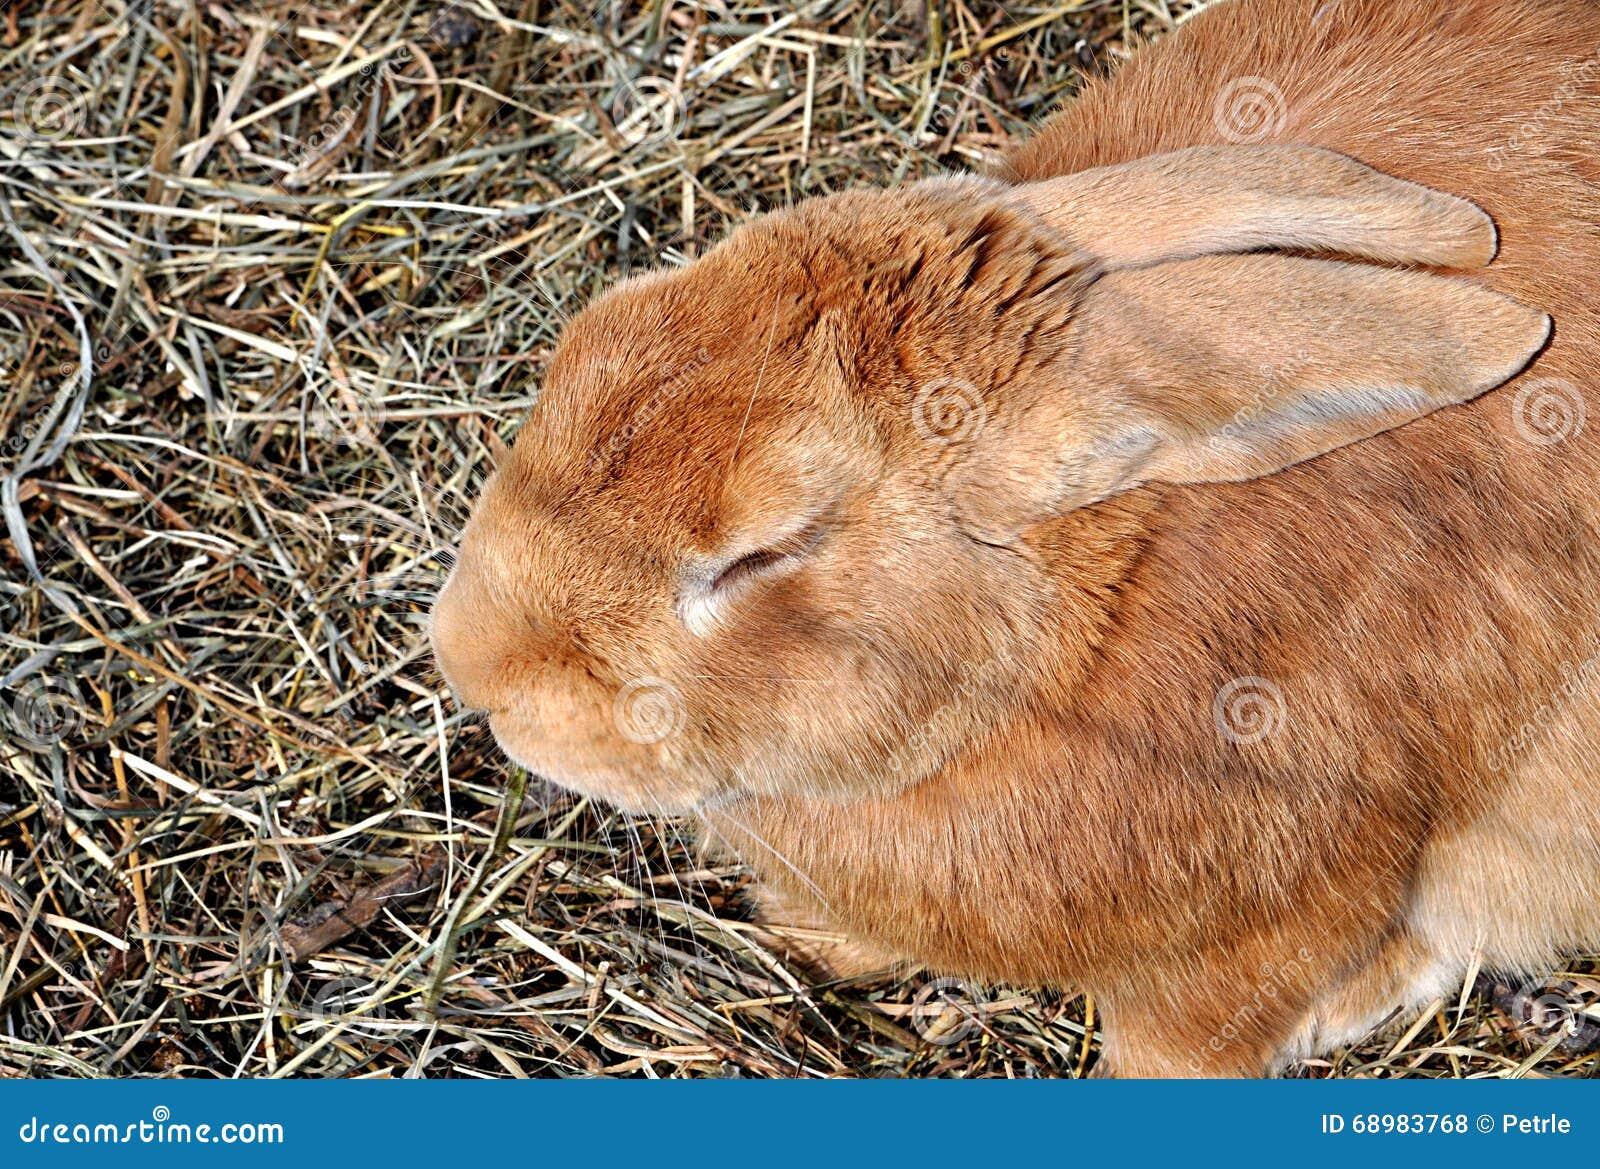 Animal - conejo